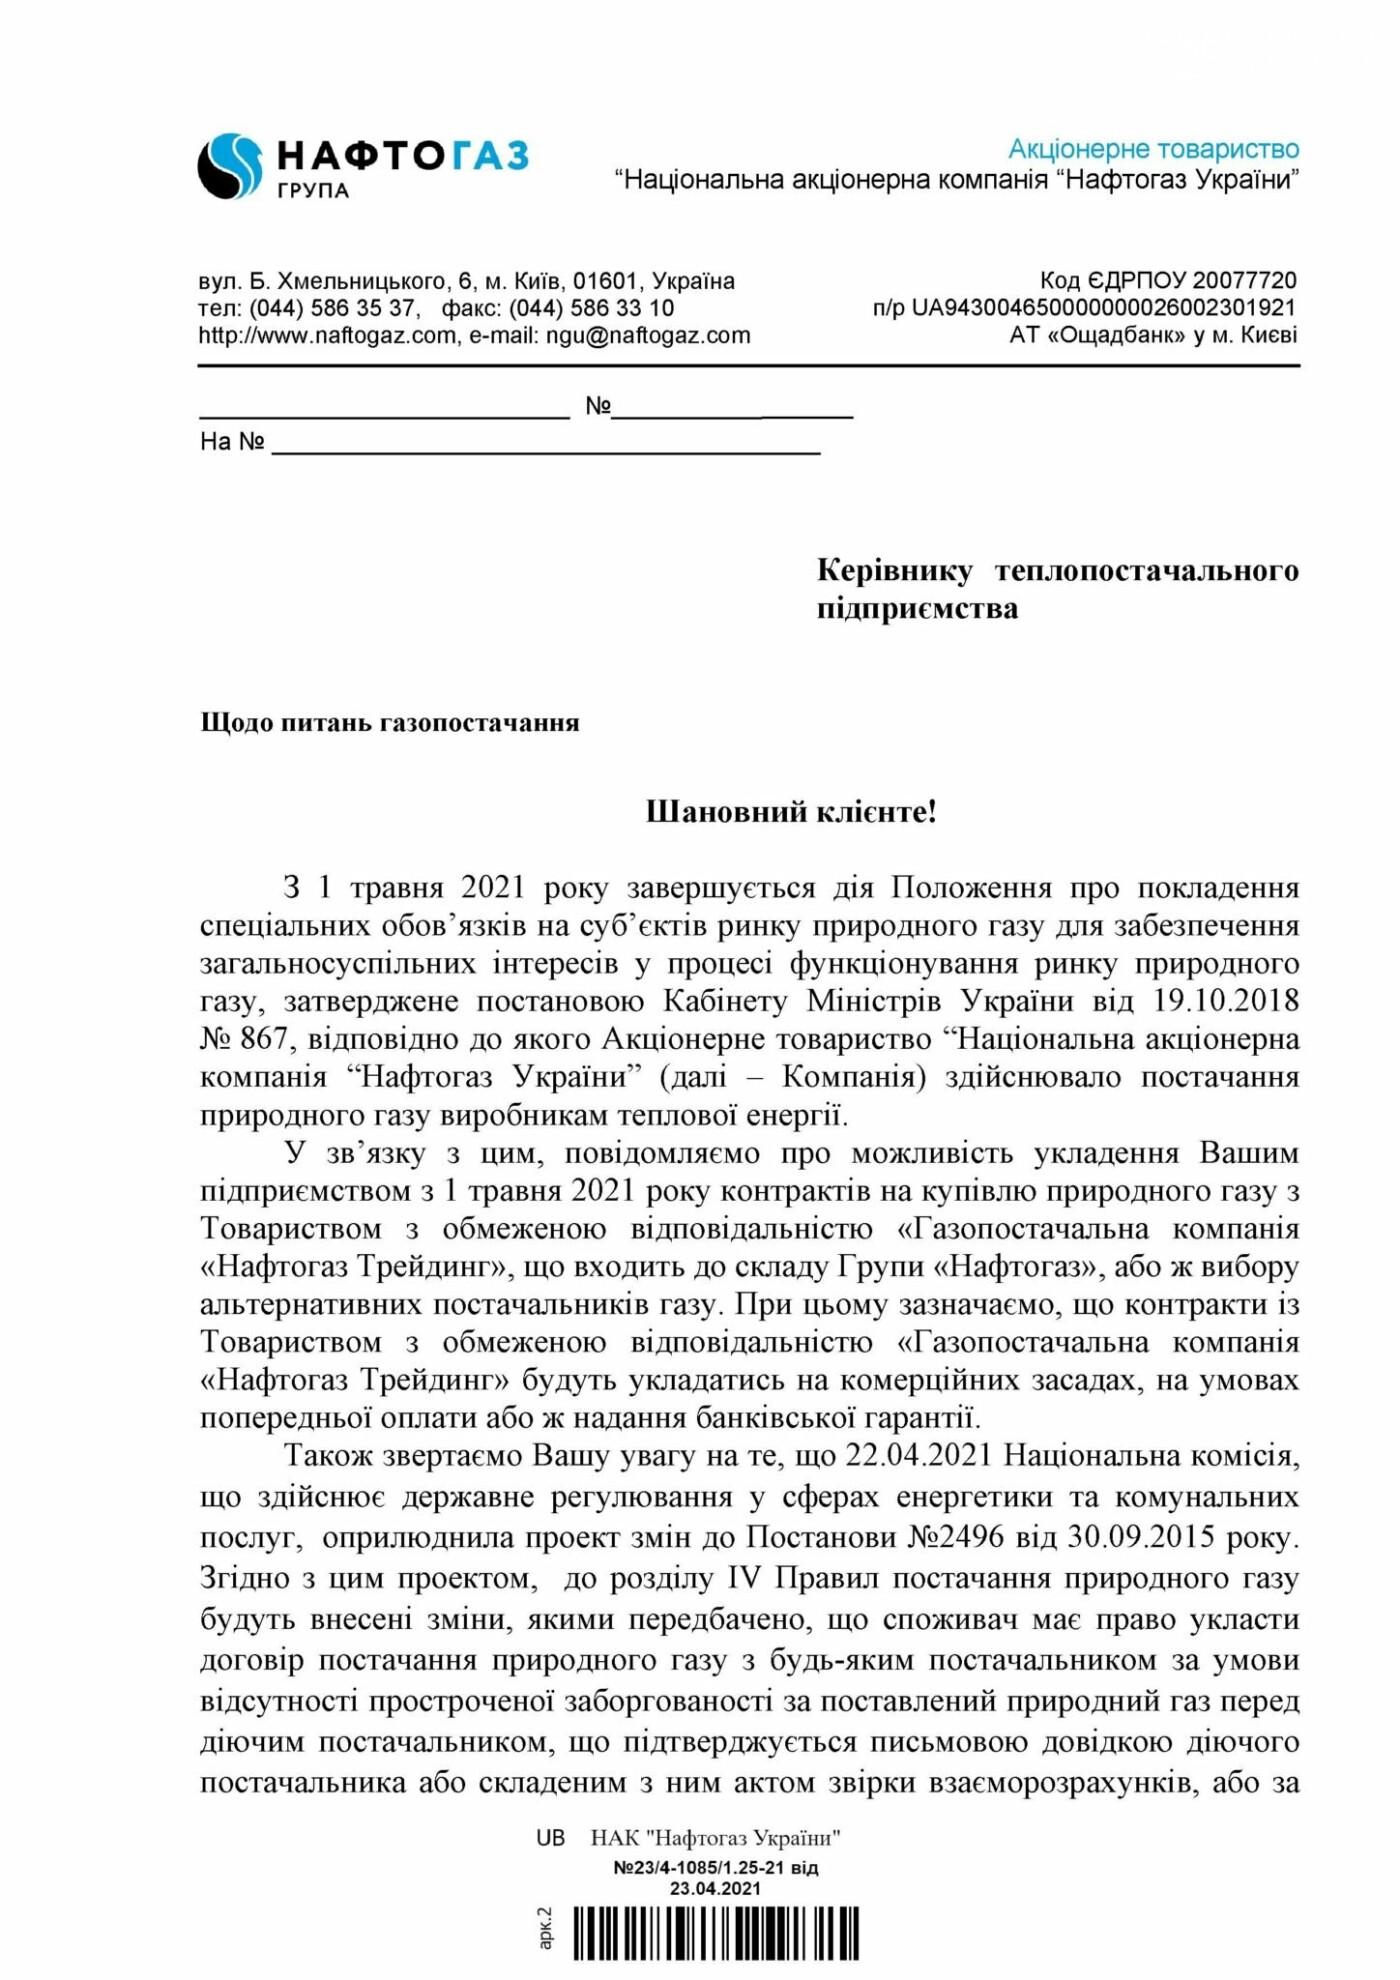 Гаряча вода в Кременчуці: уряд дав відстрочку до 20 травня, фото-1